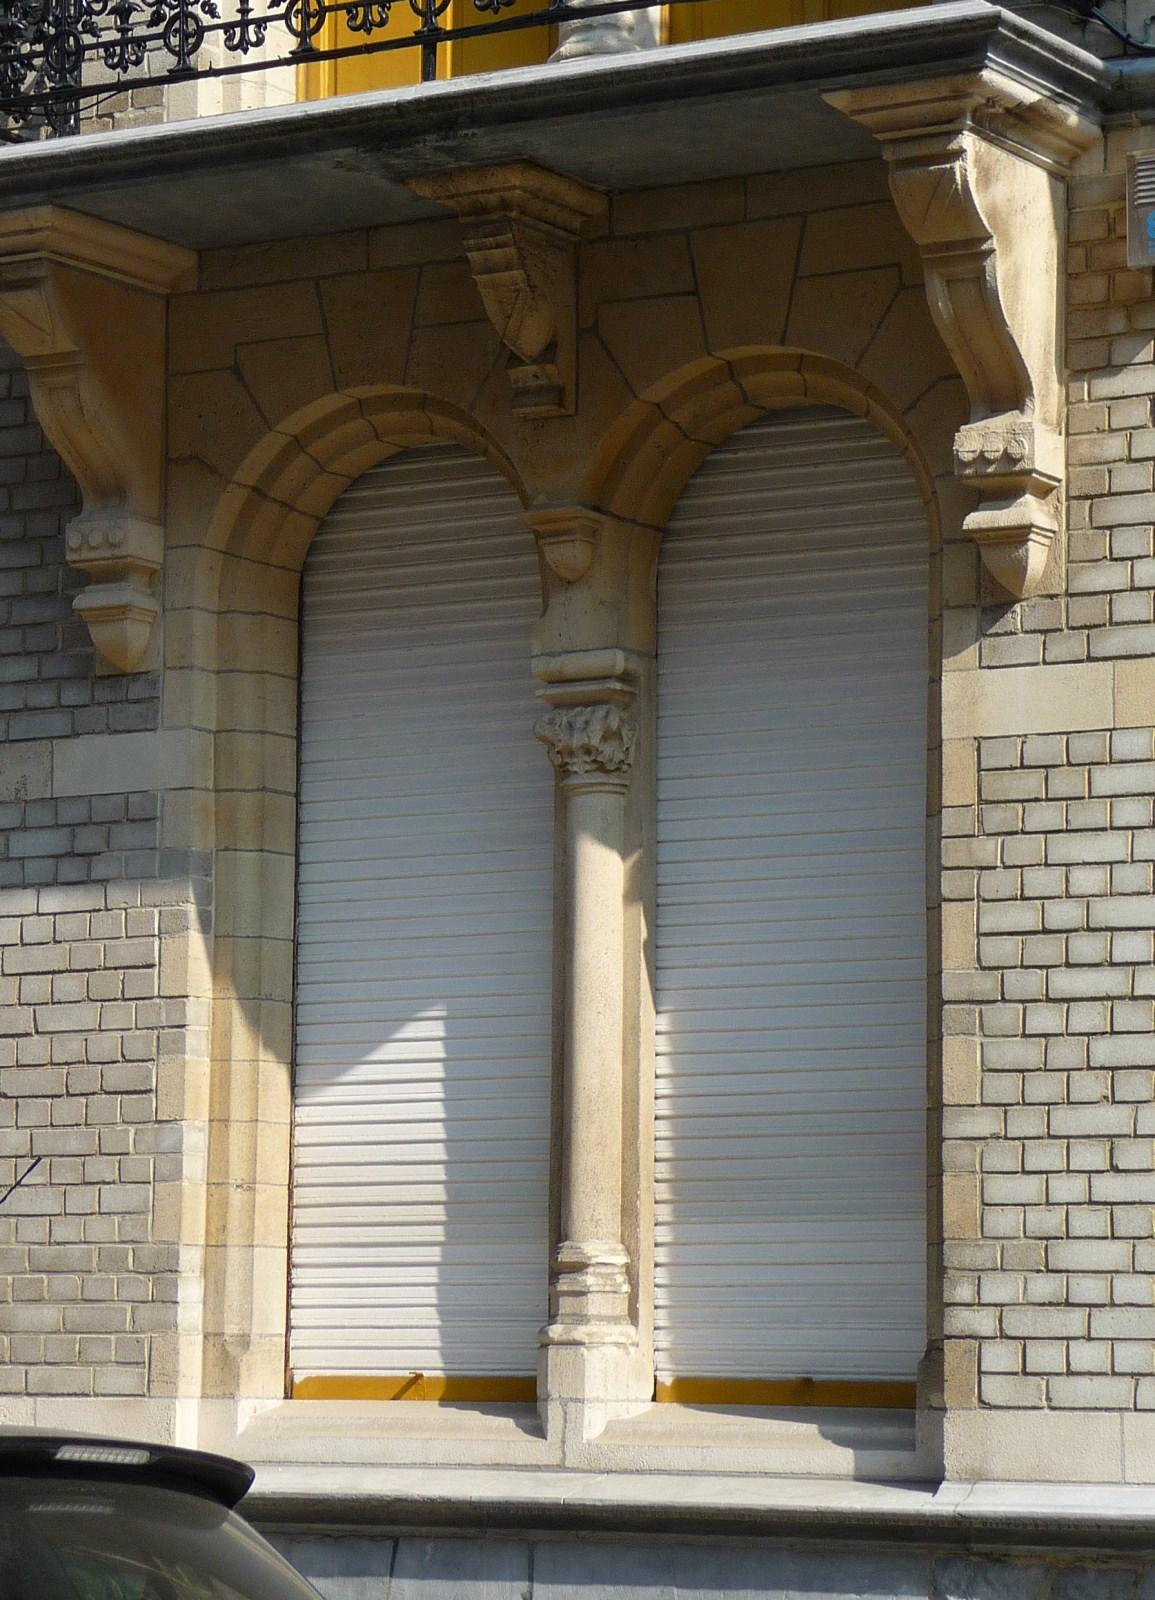 Bruxelles extension est rue hobbema 65 delvaux alphonse - Fenetre rez de chaussee ...